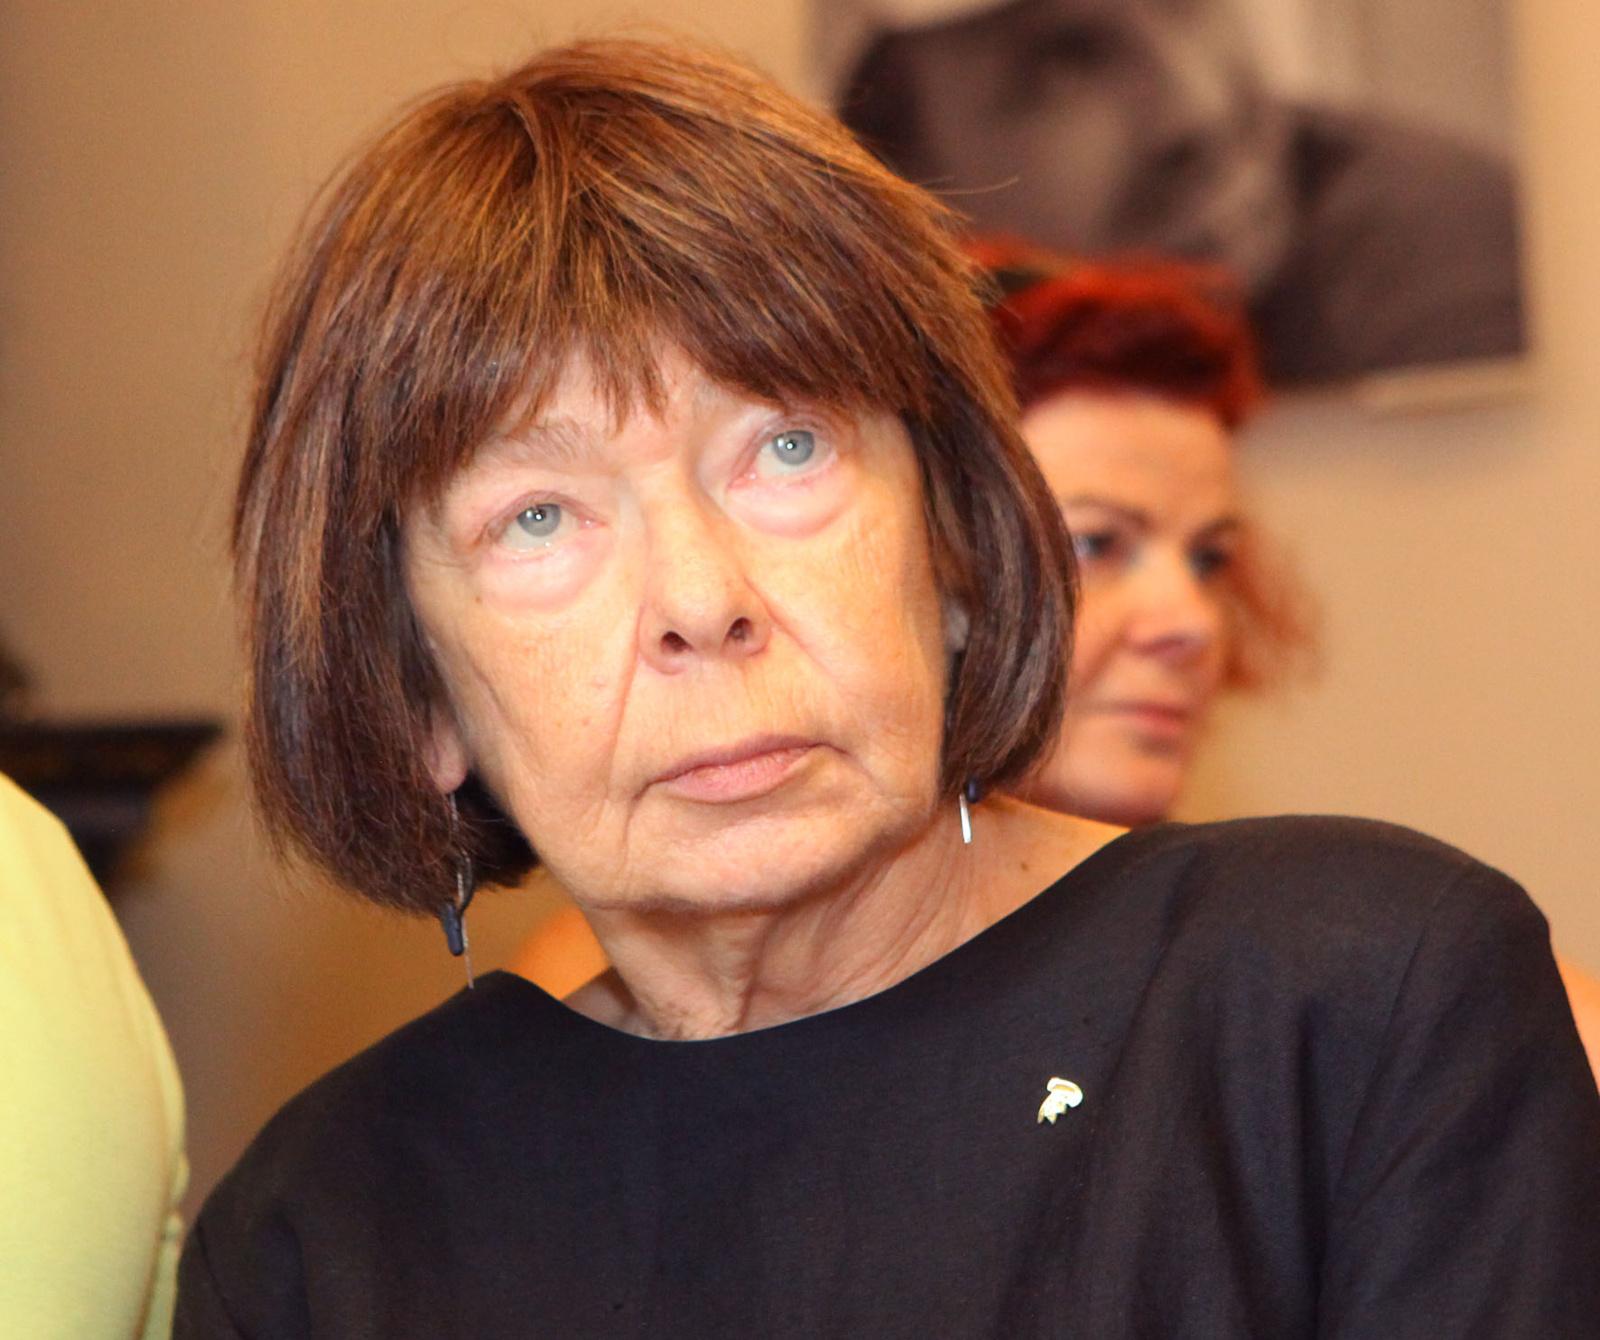 Mirė poetė, rašytoja, žurnalistė E. Juodvalkė